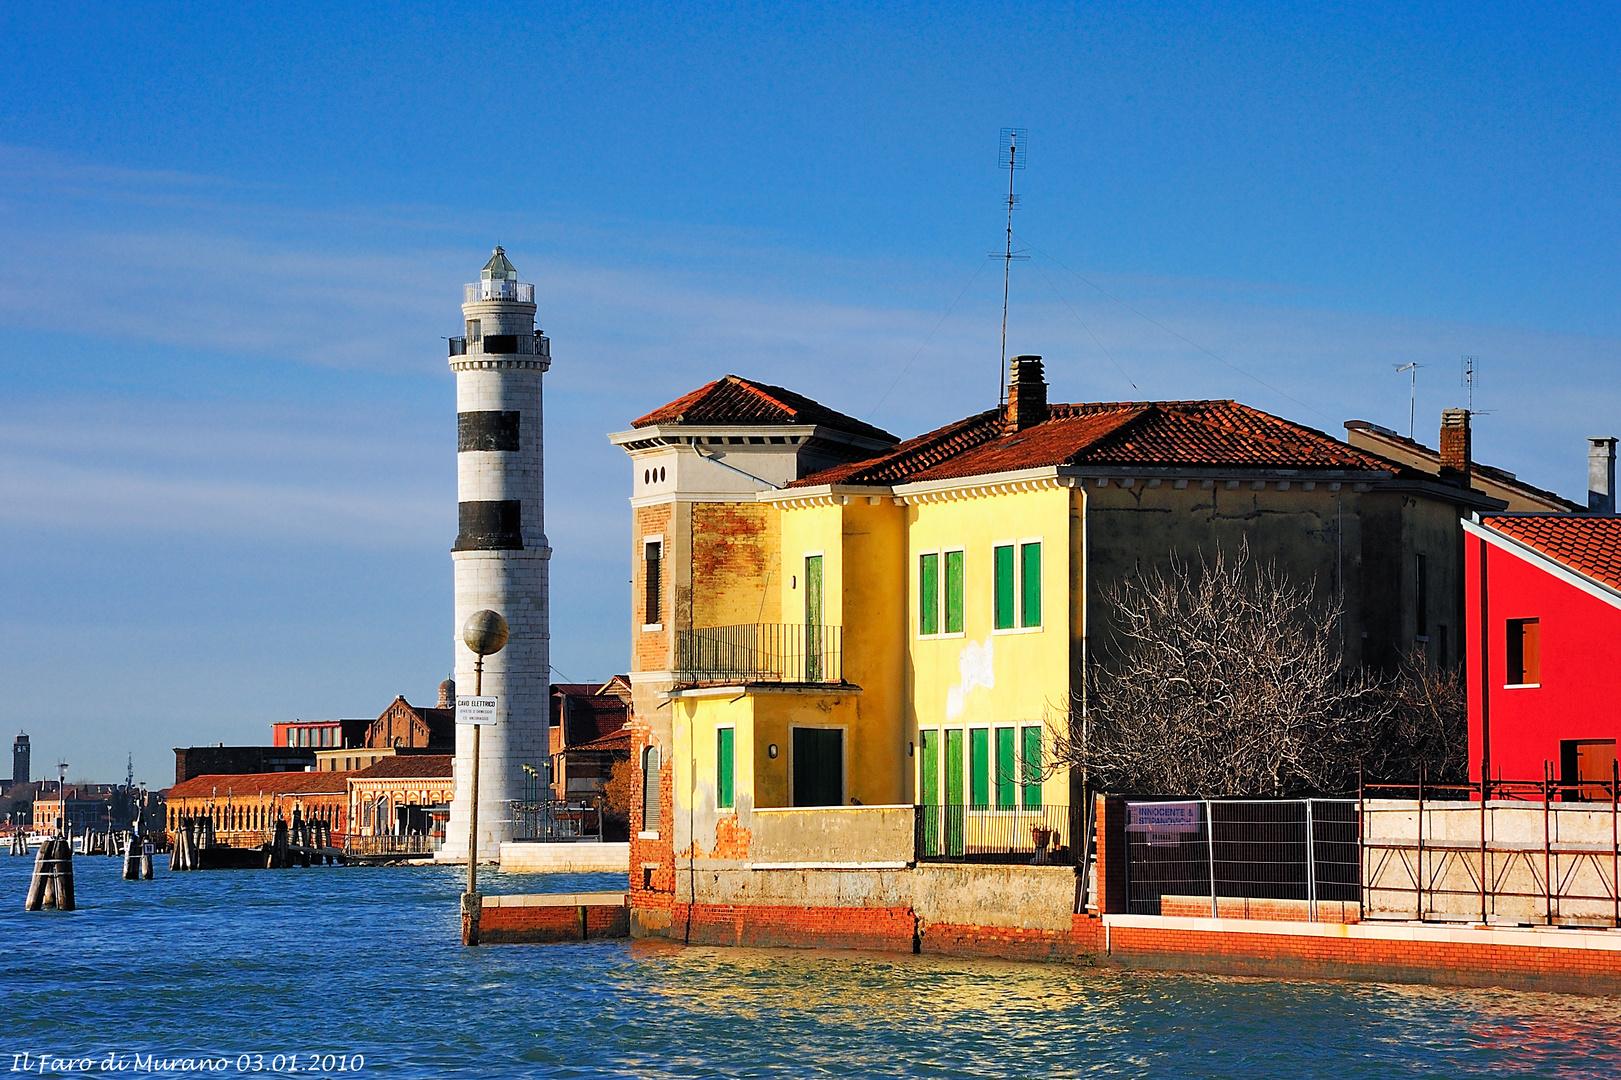 Il Faro di Murano (03.01.2010)